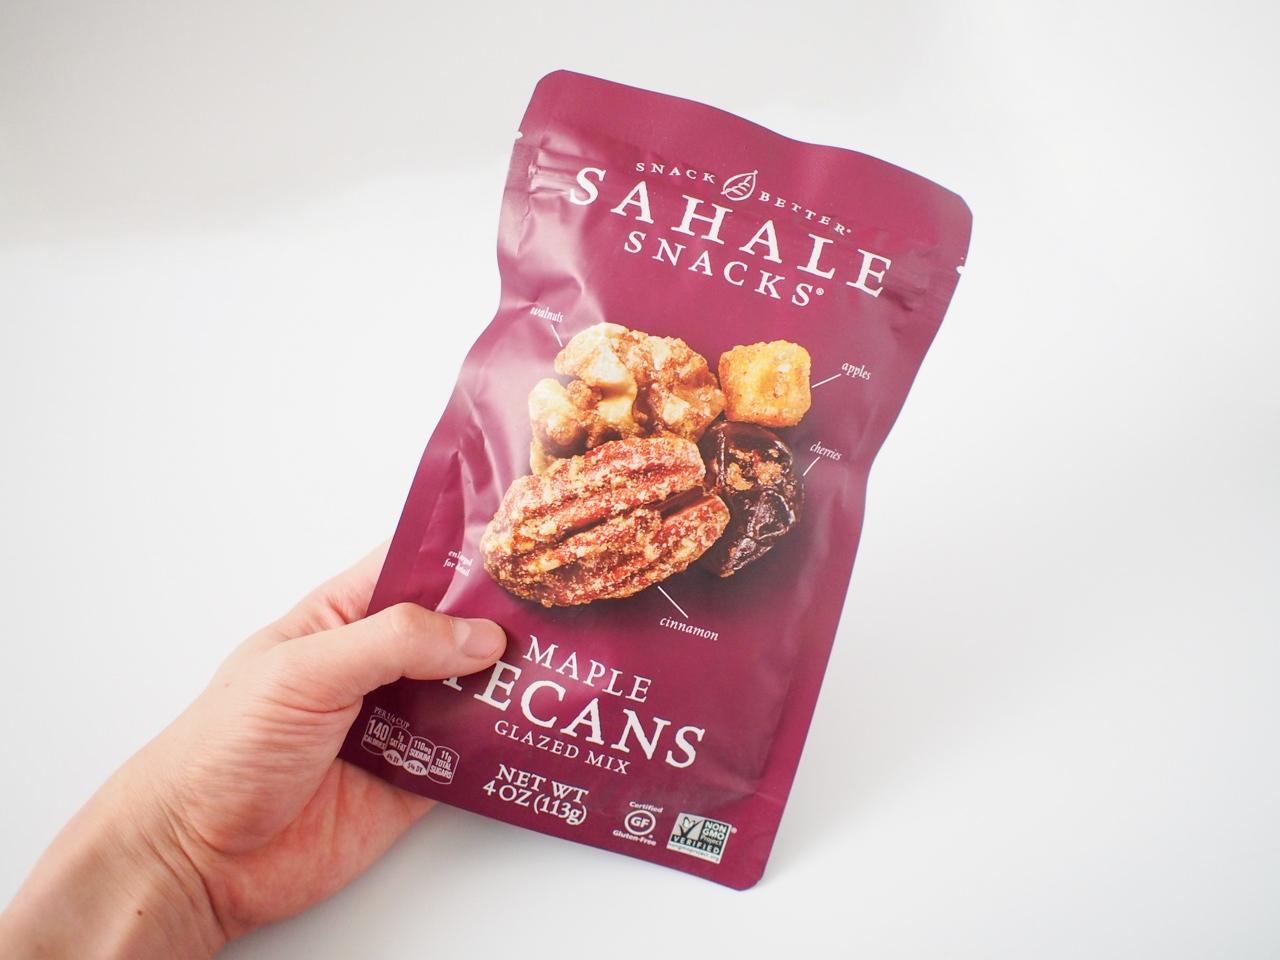 Sahale Snacks(サハレスナック)のメープルぺカンが美味しすぎ